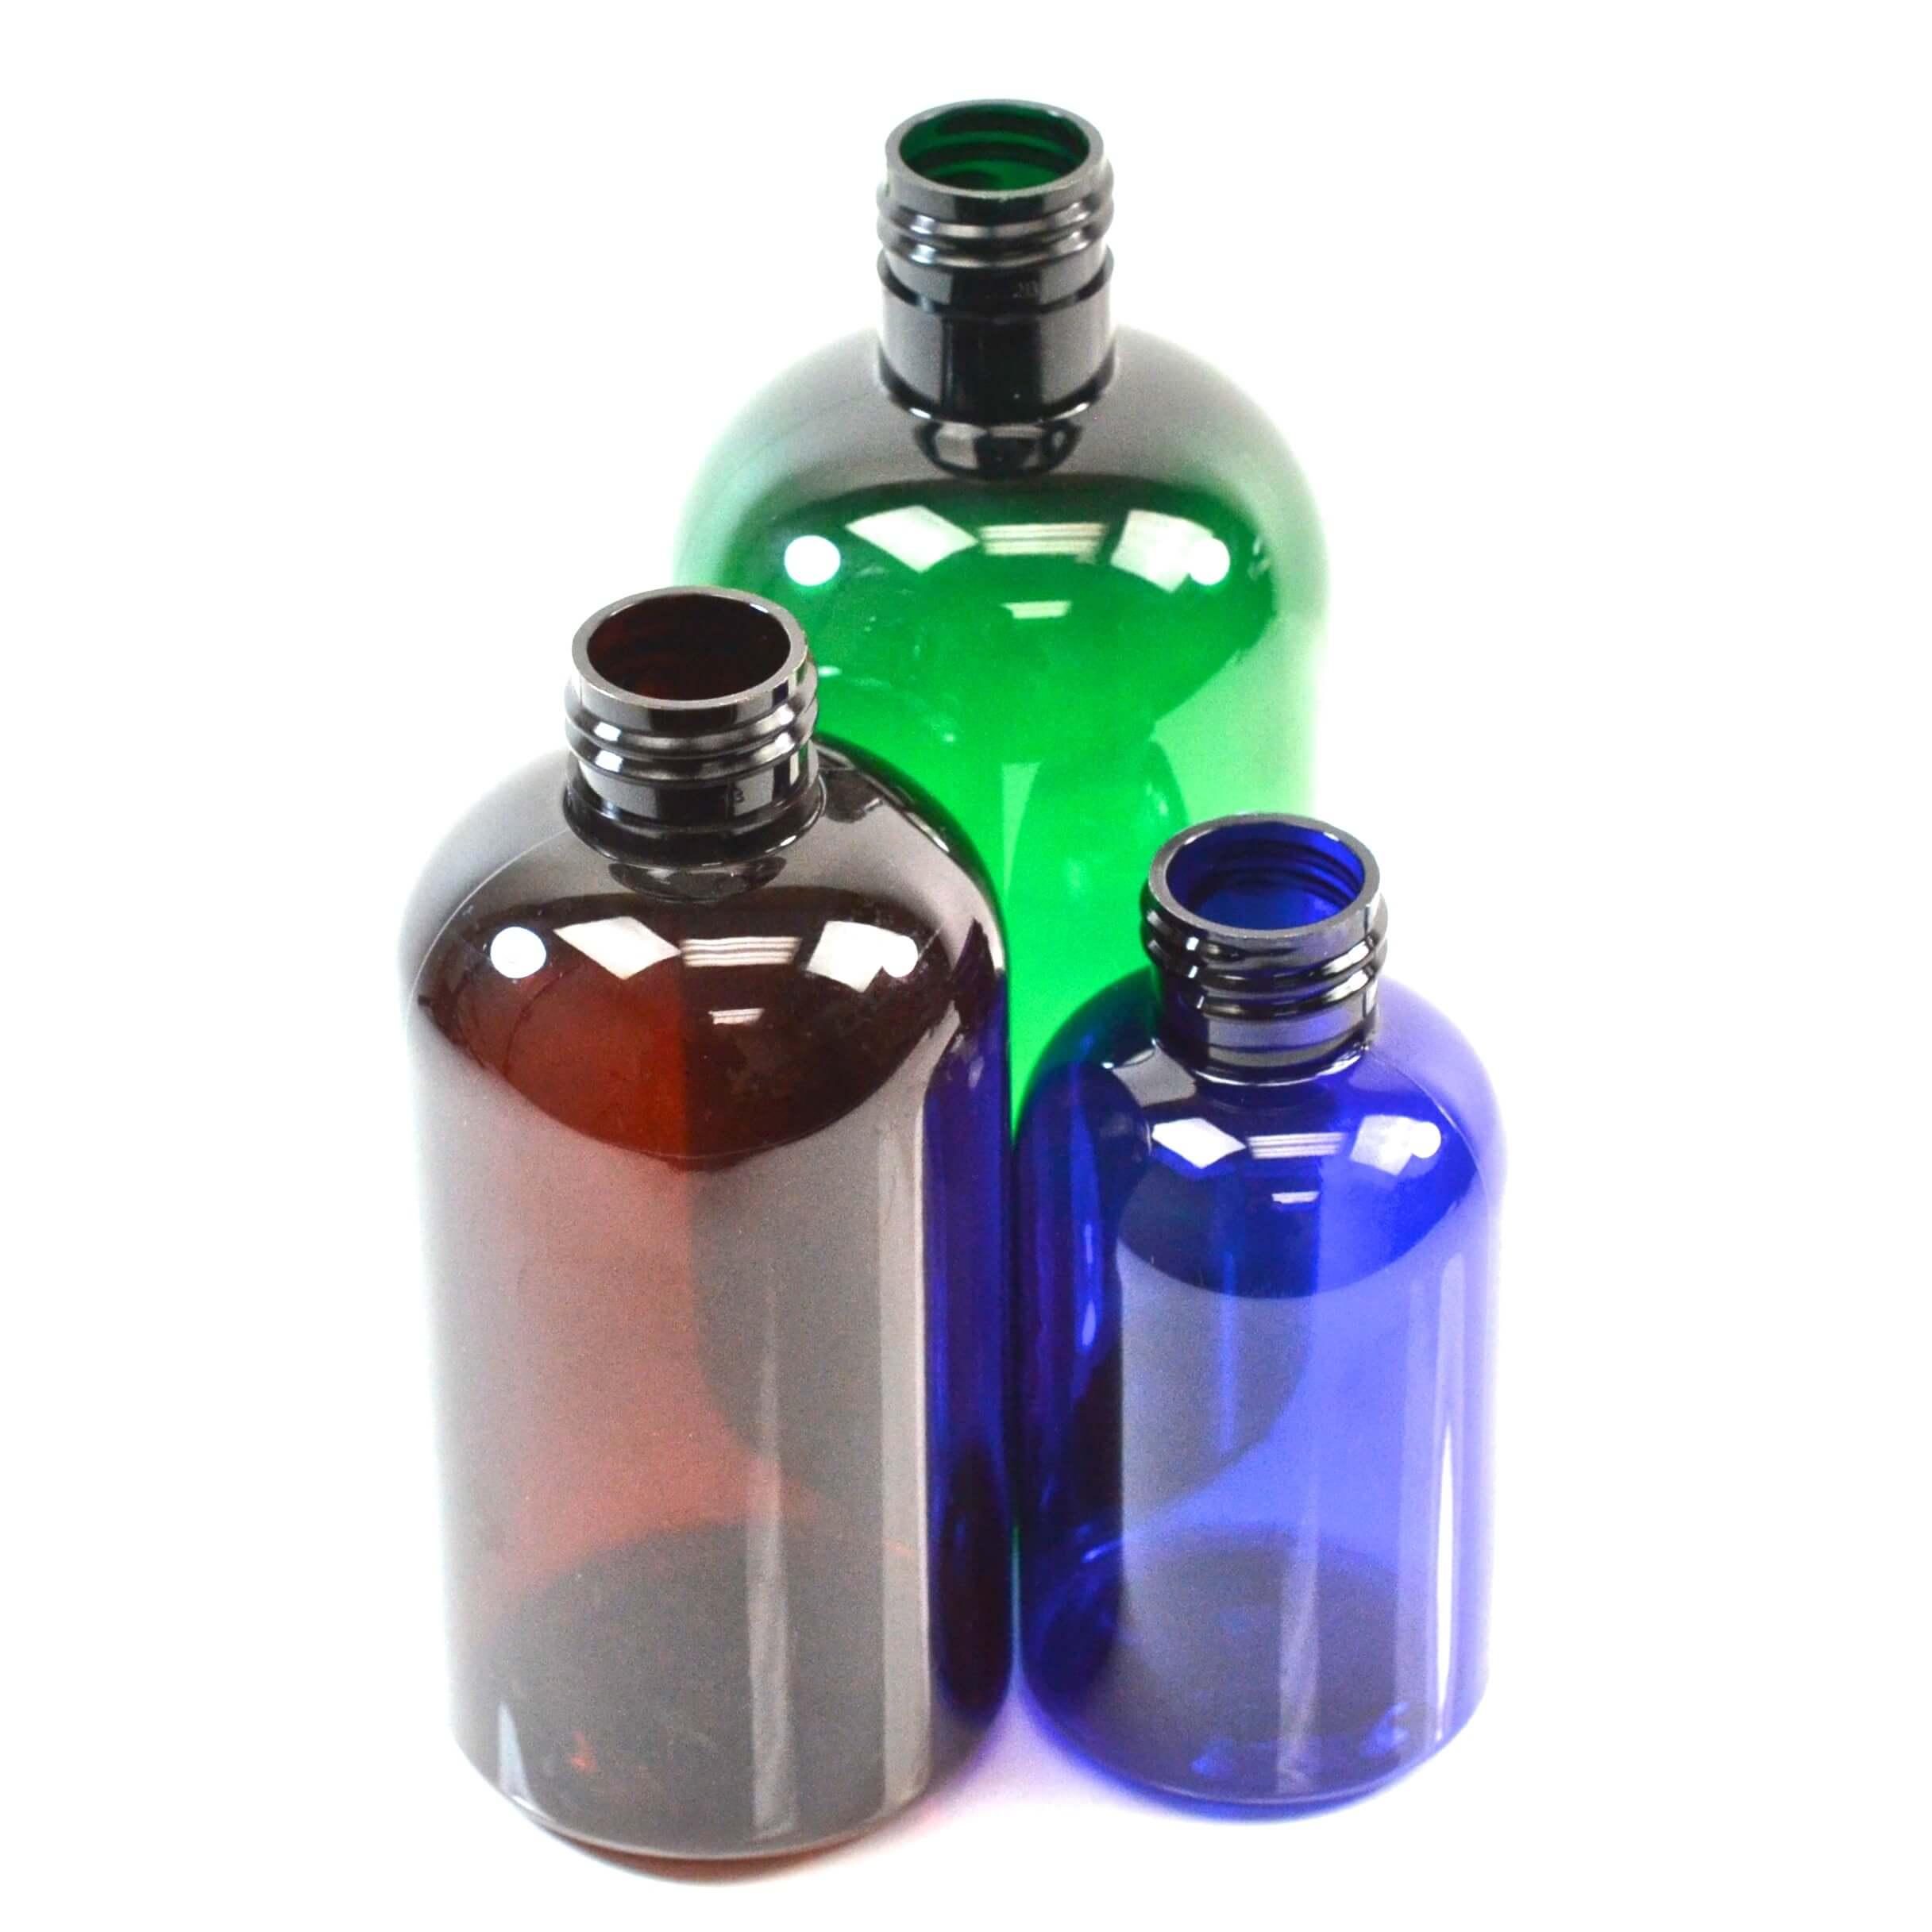 Boston Round Bottles Green Eco Friendly